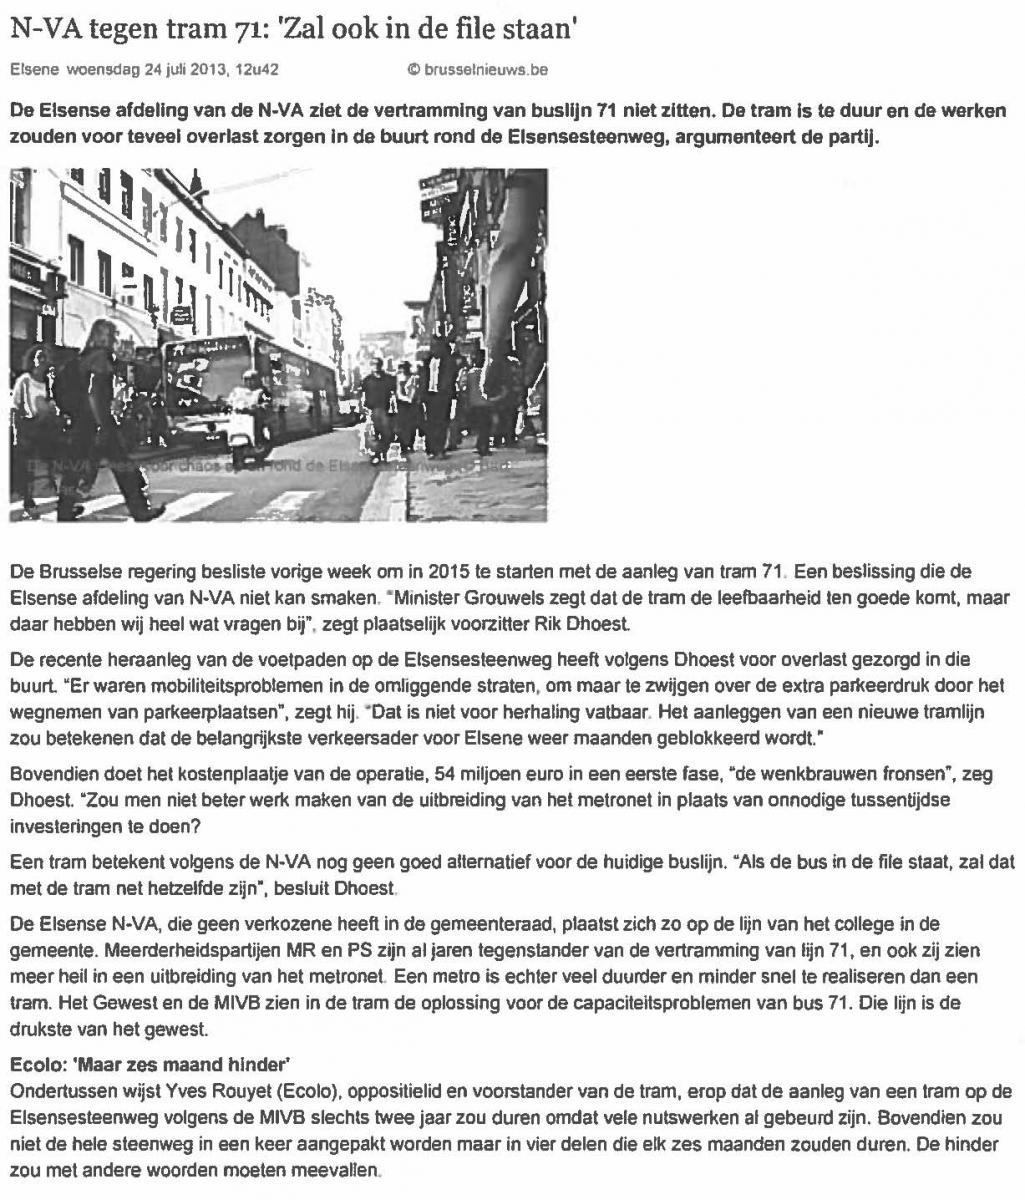 N-VA tegen tram 71: 'Zal ook in de file staan'